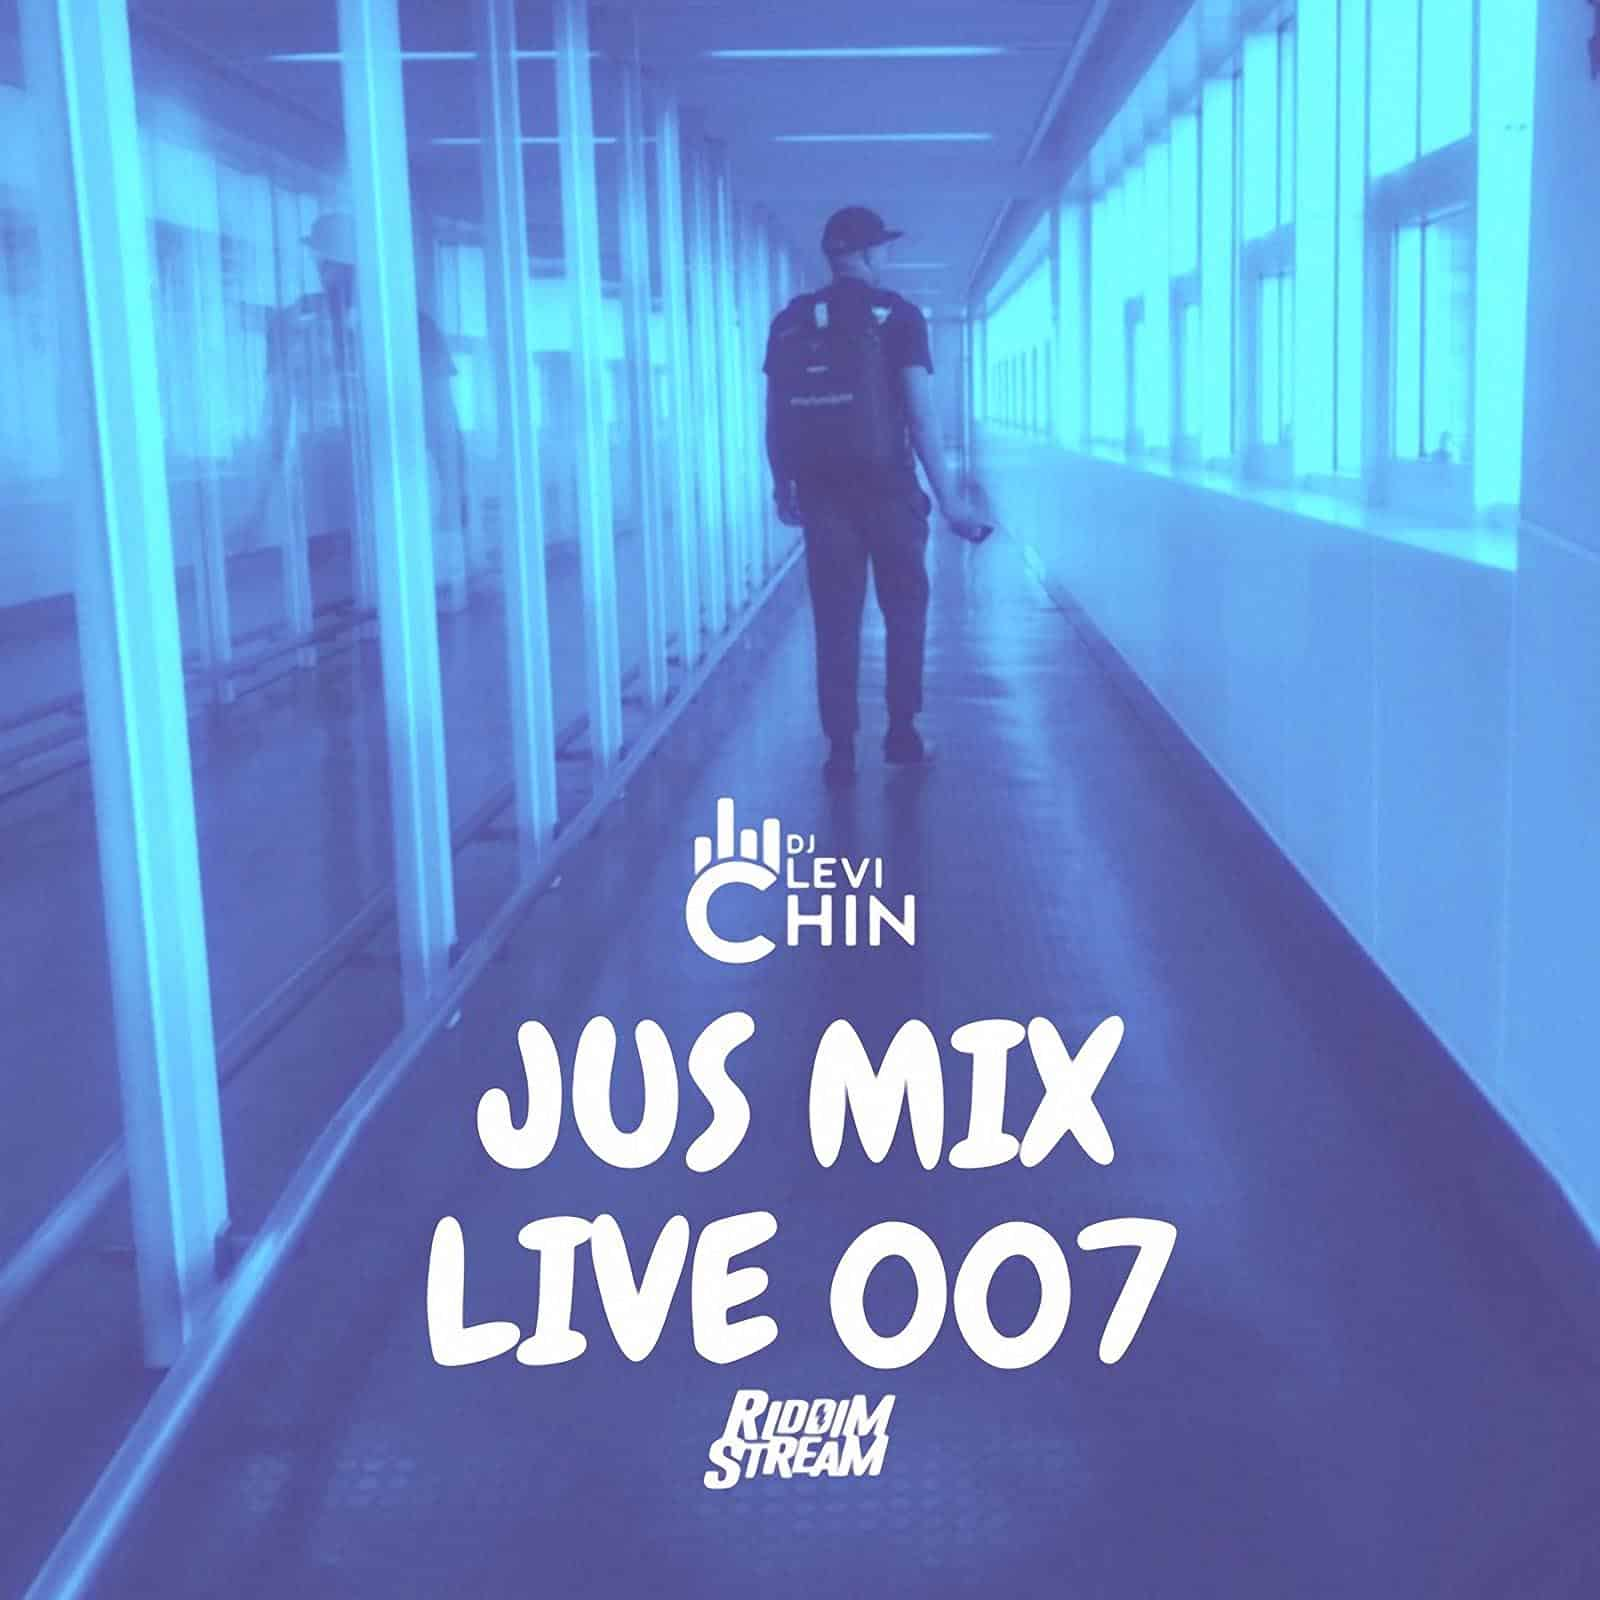 DJ Levi Chin - Jus Mix Live 007